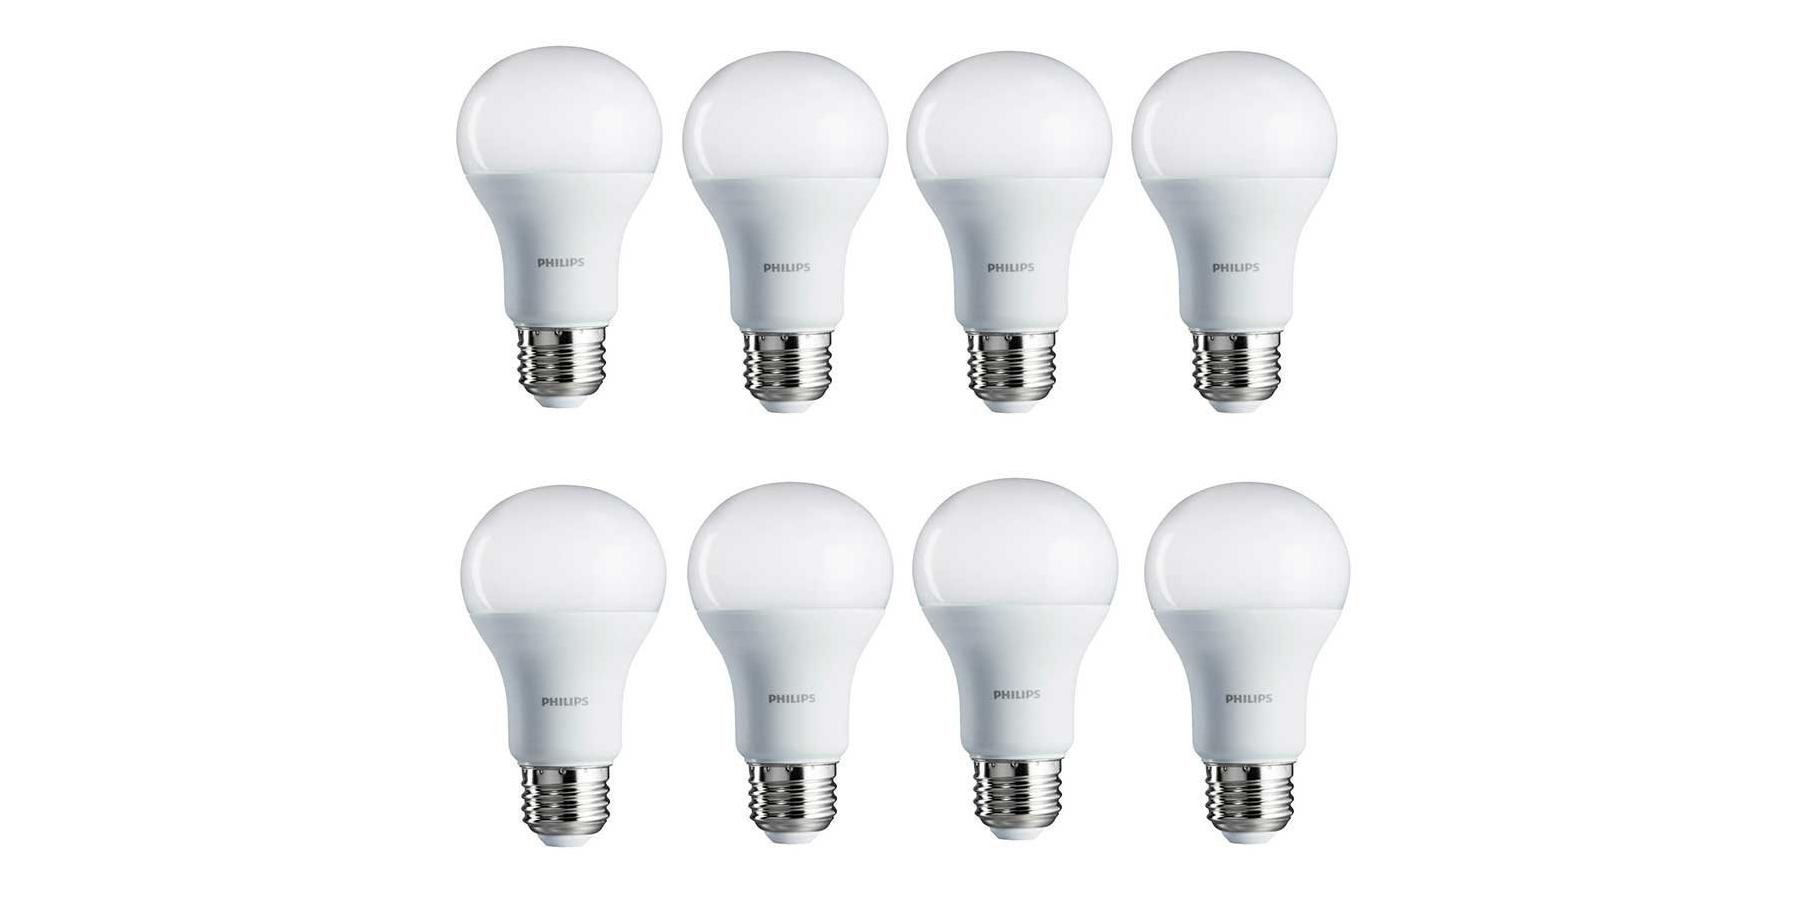 Green Deals 8 Pack Philips A19 100w Daylight Led Light Bulbs 29 More Electrek